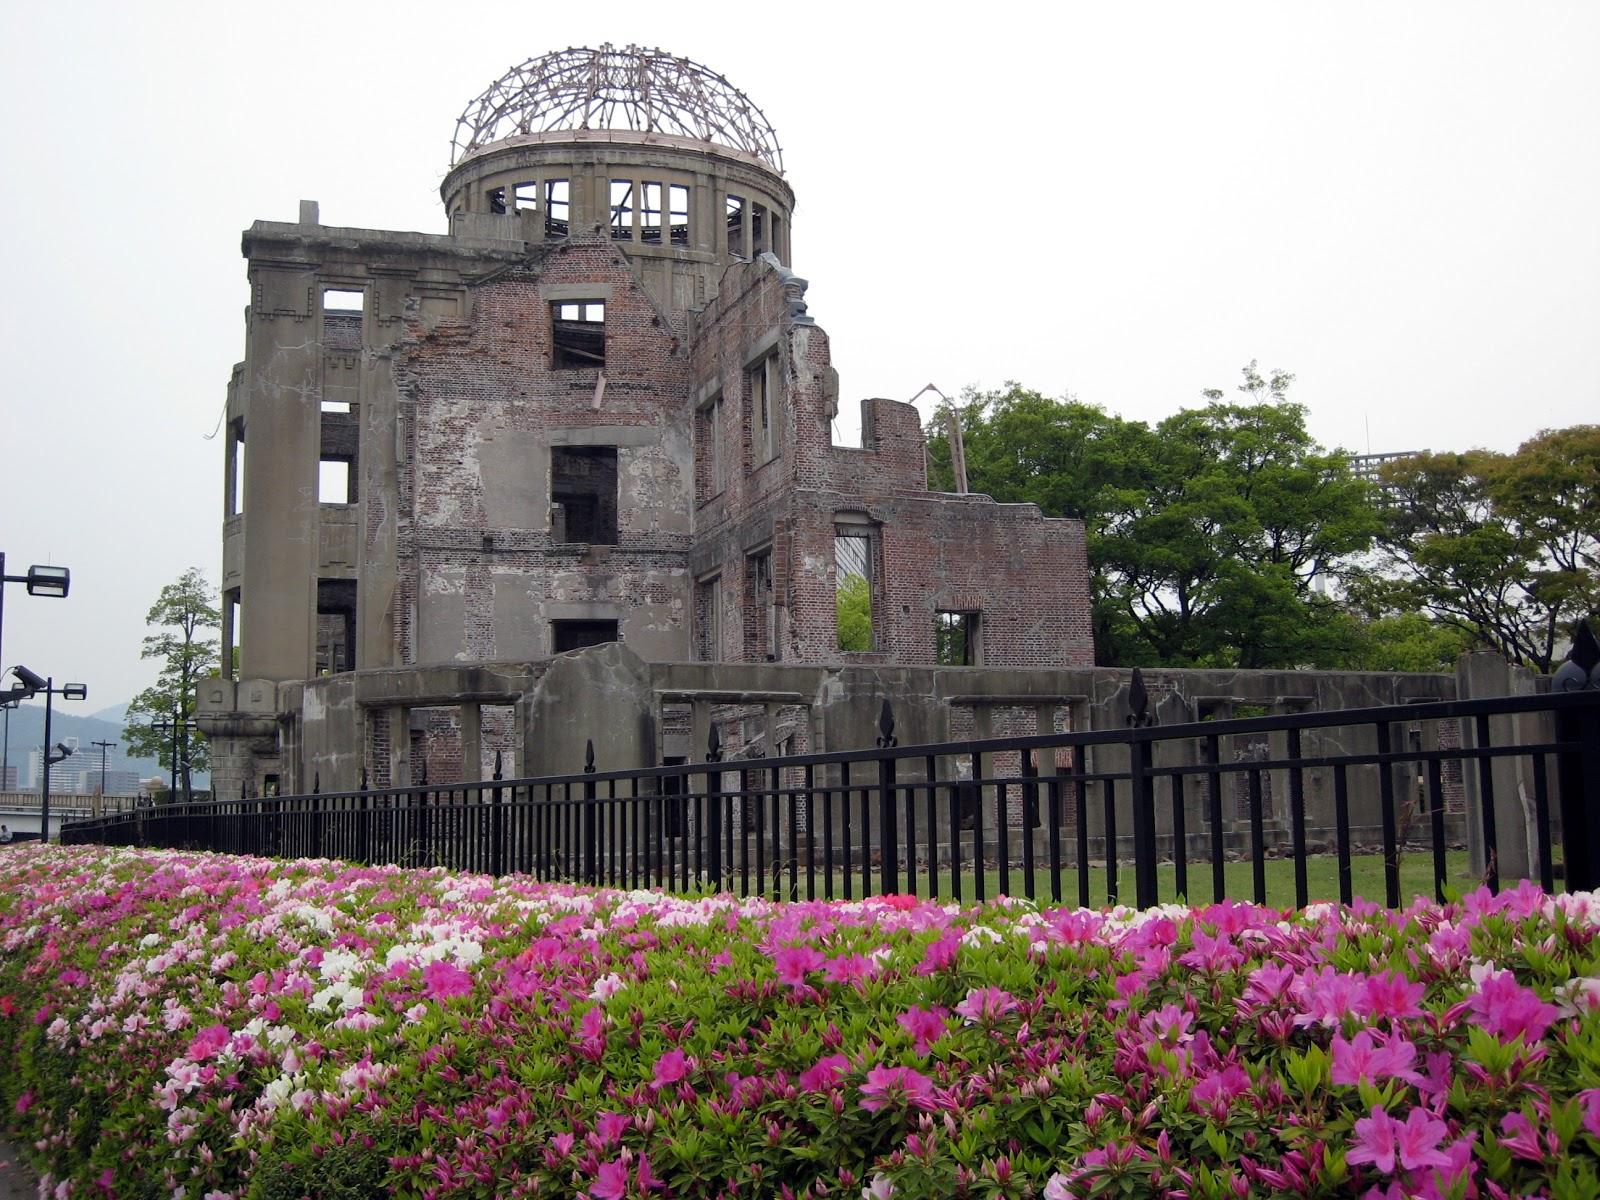 http://1.bp.blogspot.com/_4mwdGxpjpKQ/TKIzUjpC3HI/AAAAAAAAJSE/91srHneDdXU/s1600/200904_Japon+720.jpg